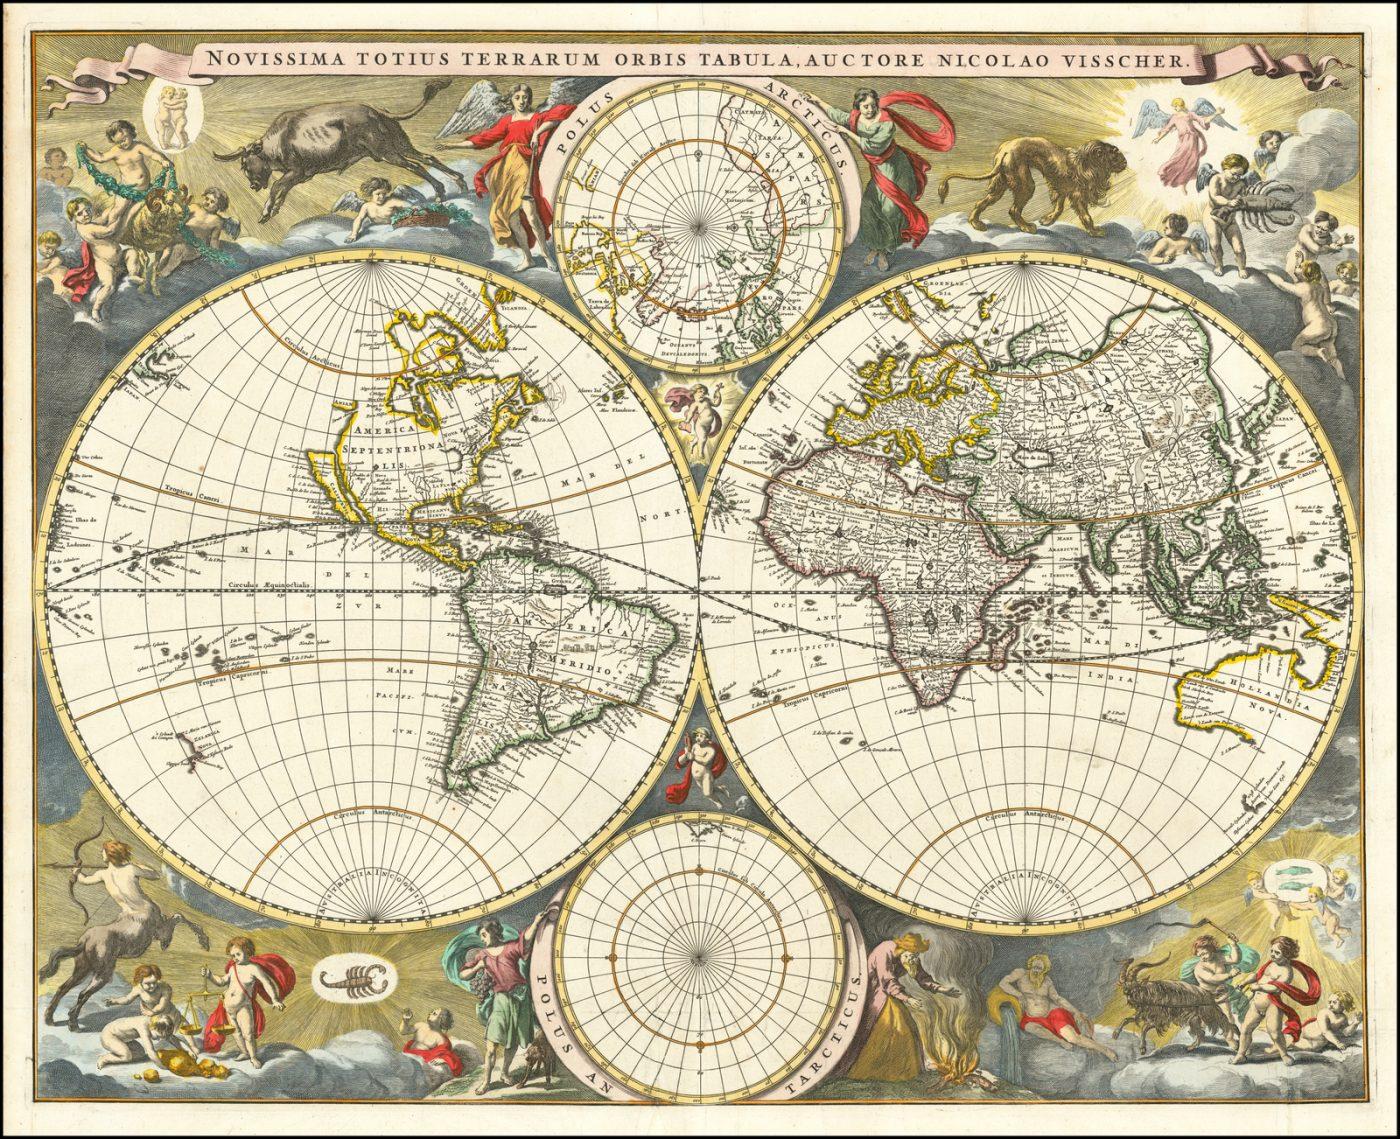 Карта мира Николаса Вишера, появившаяся в его малом Атласе после 1679 года